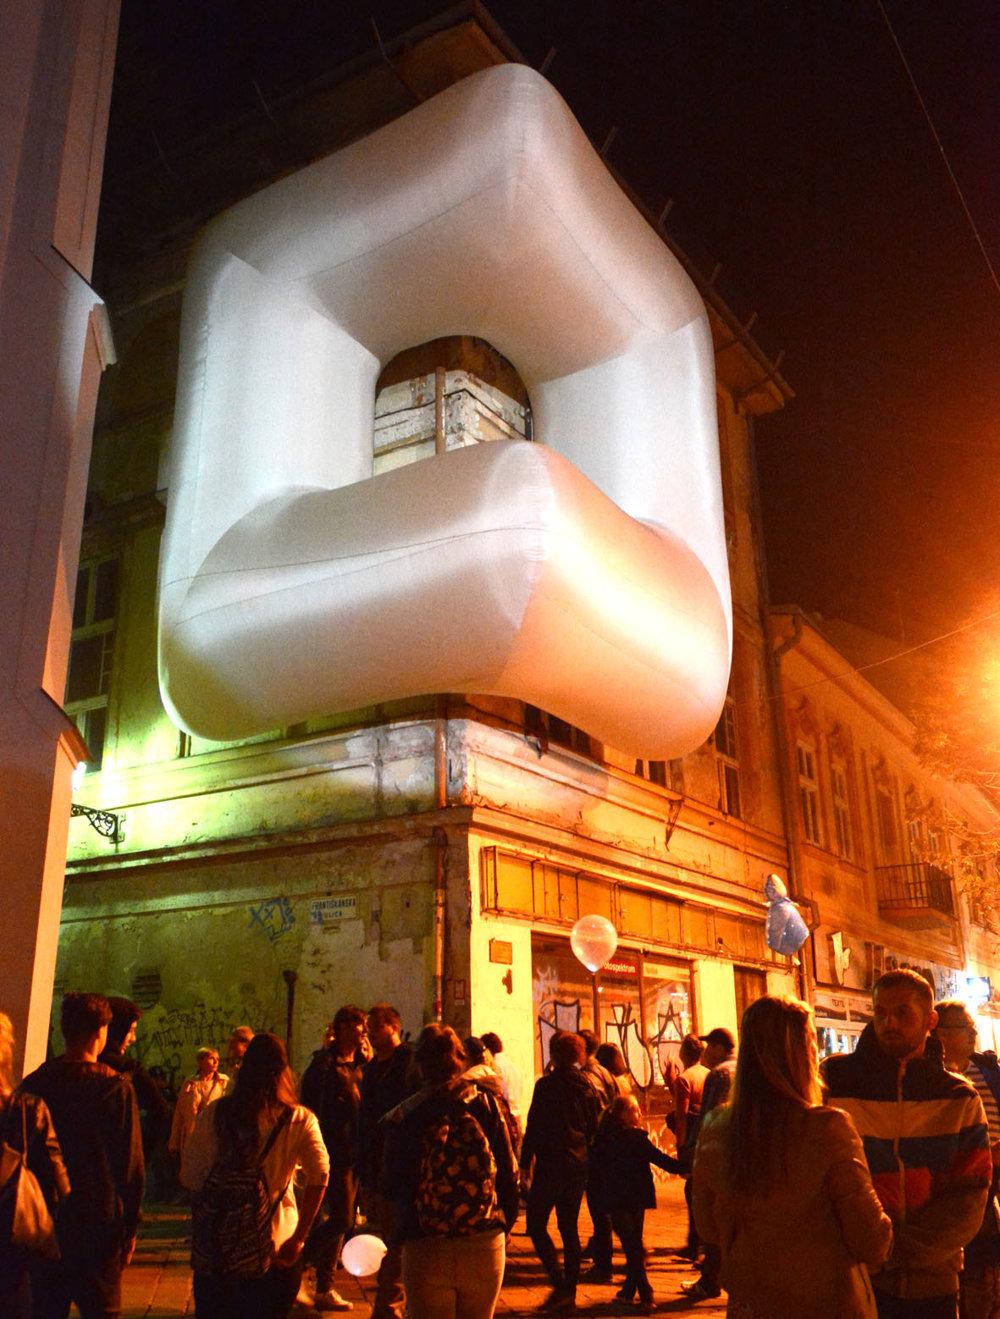 Jeden z najzaujímavejších objektov tohoročnej Bielej noci na rohu Františkánskej ulice.  Inštalácia švajčiarskej dvojice Sabine Lang a Daniela Baumanna s názvom Comfort #13 sa jednoducho nedala obísť bez povšimnutia.